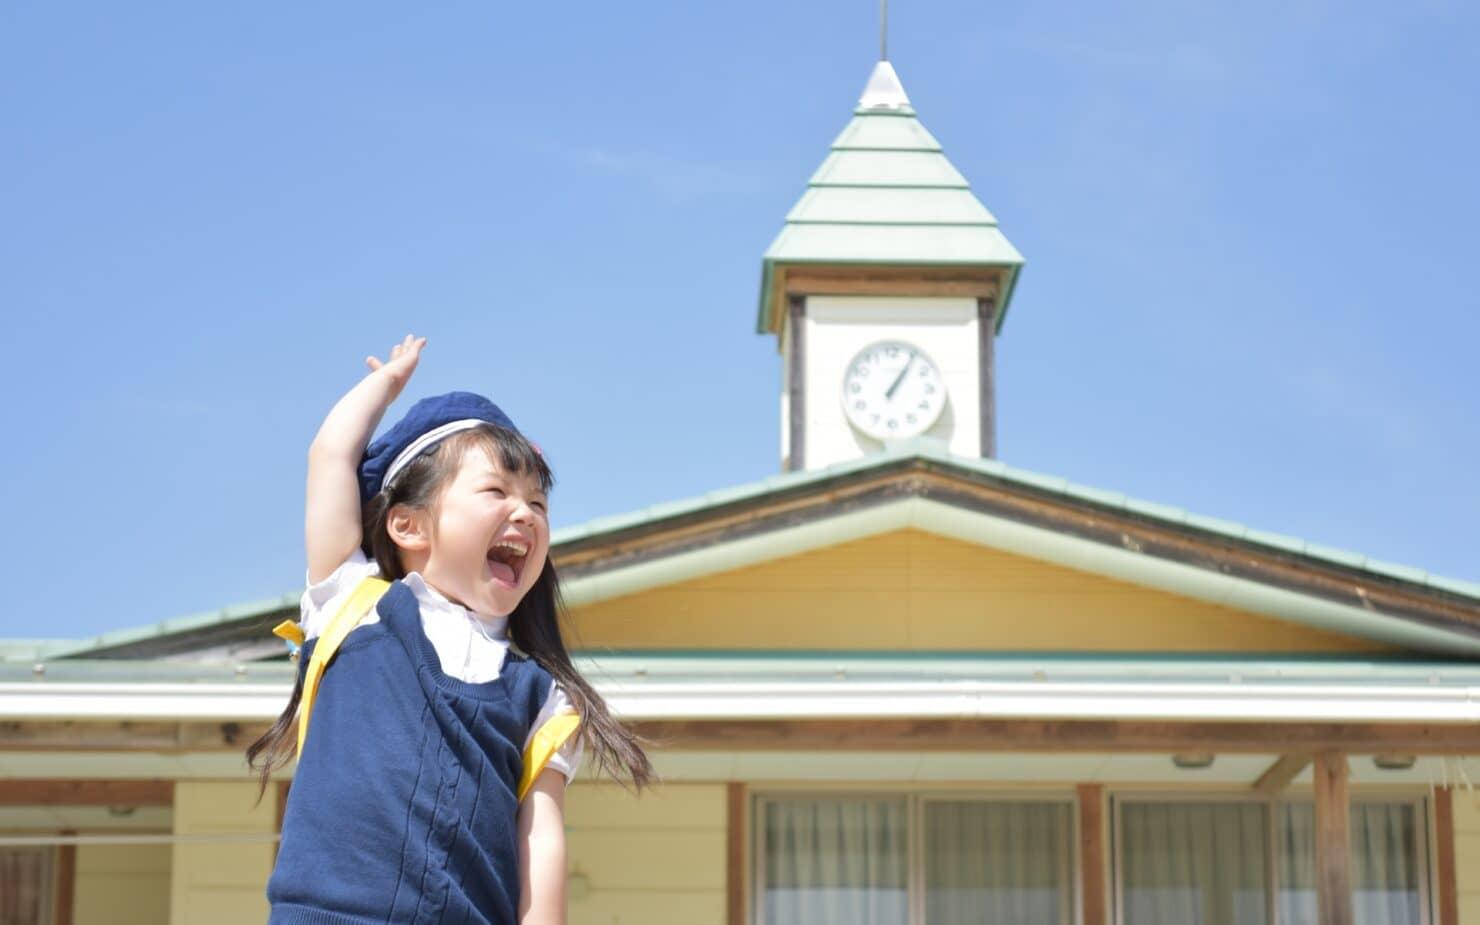 幼稚園と保育園の違いは? どっちがいい? 費用や保育時間などを徹底比較!